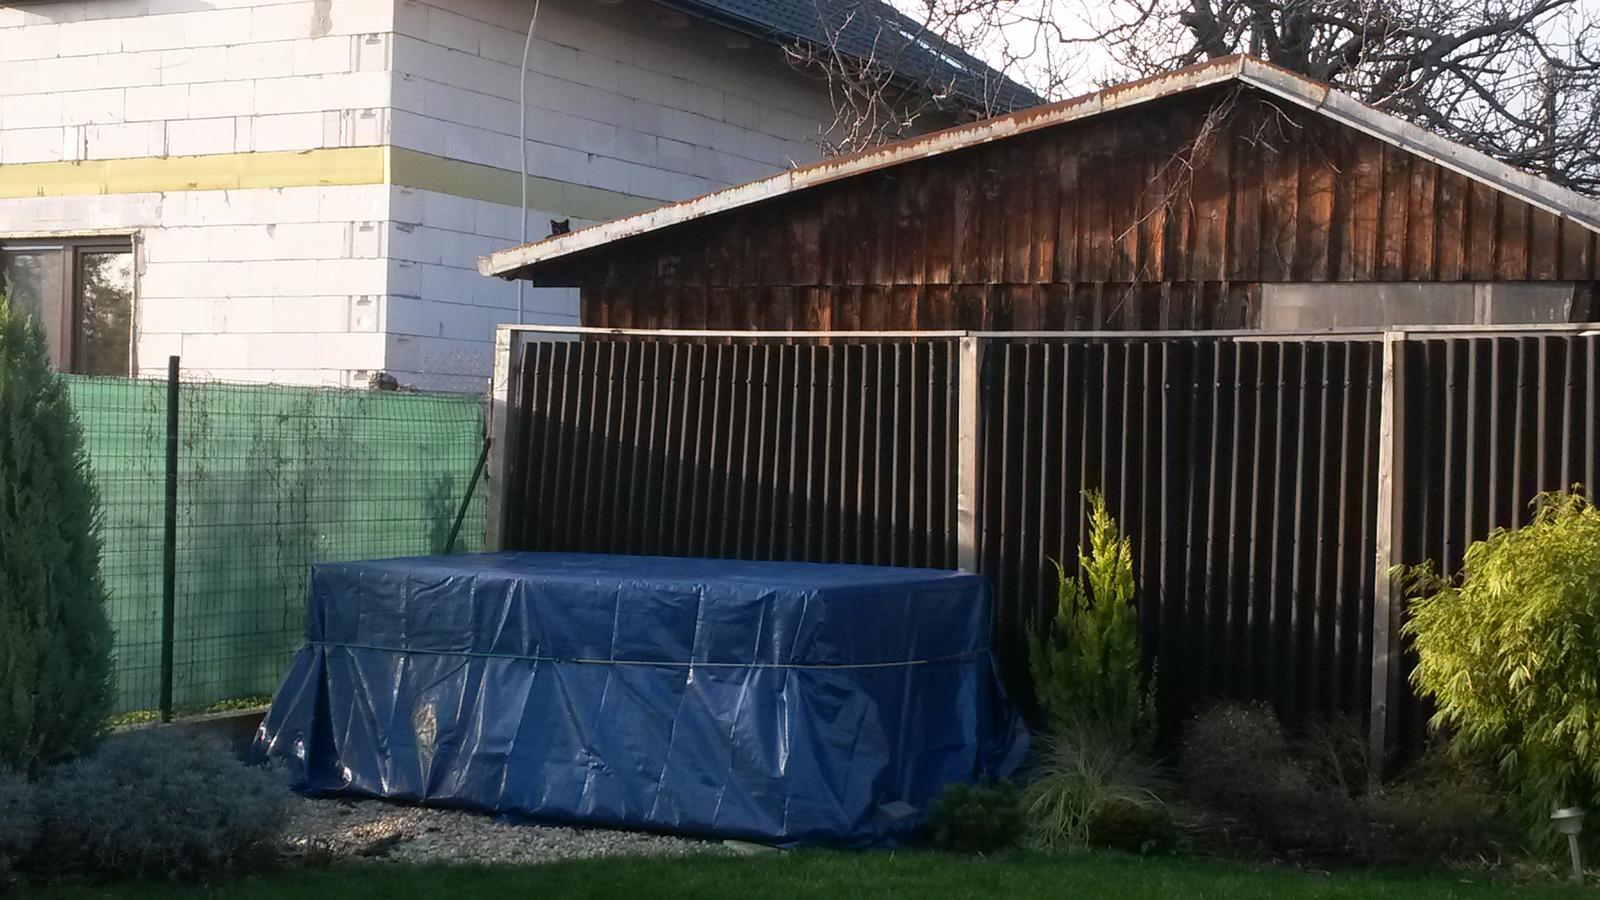 Voda v záhrade - Už čaká zabalený. Buď ostane v tejto polohe alebo ho otočím pozdĺžne zeleného plota.